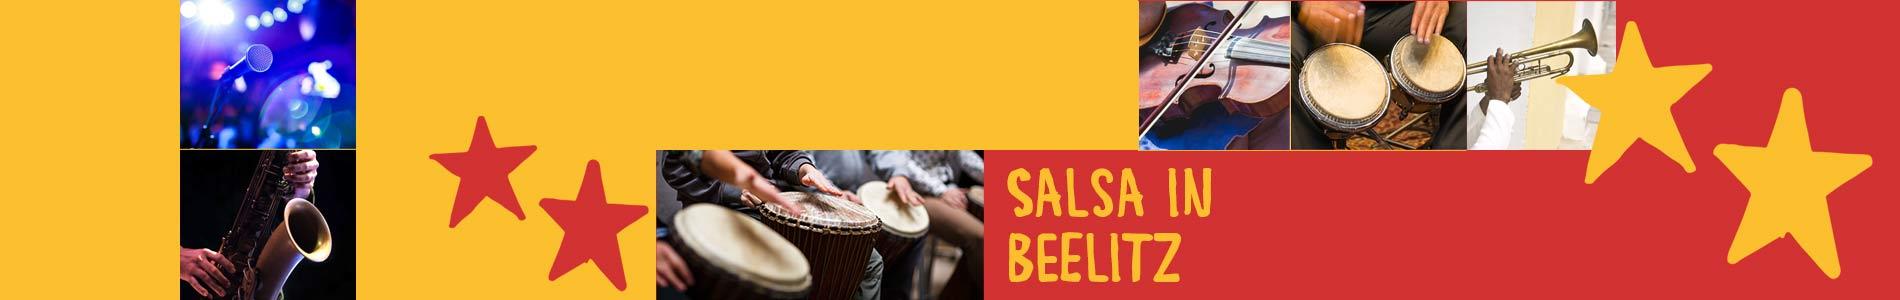 Salsa in Beelitz – Salsa lernen und tanzen, Tanzkurse, Partys, Veranstaltungen